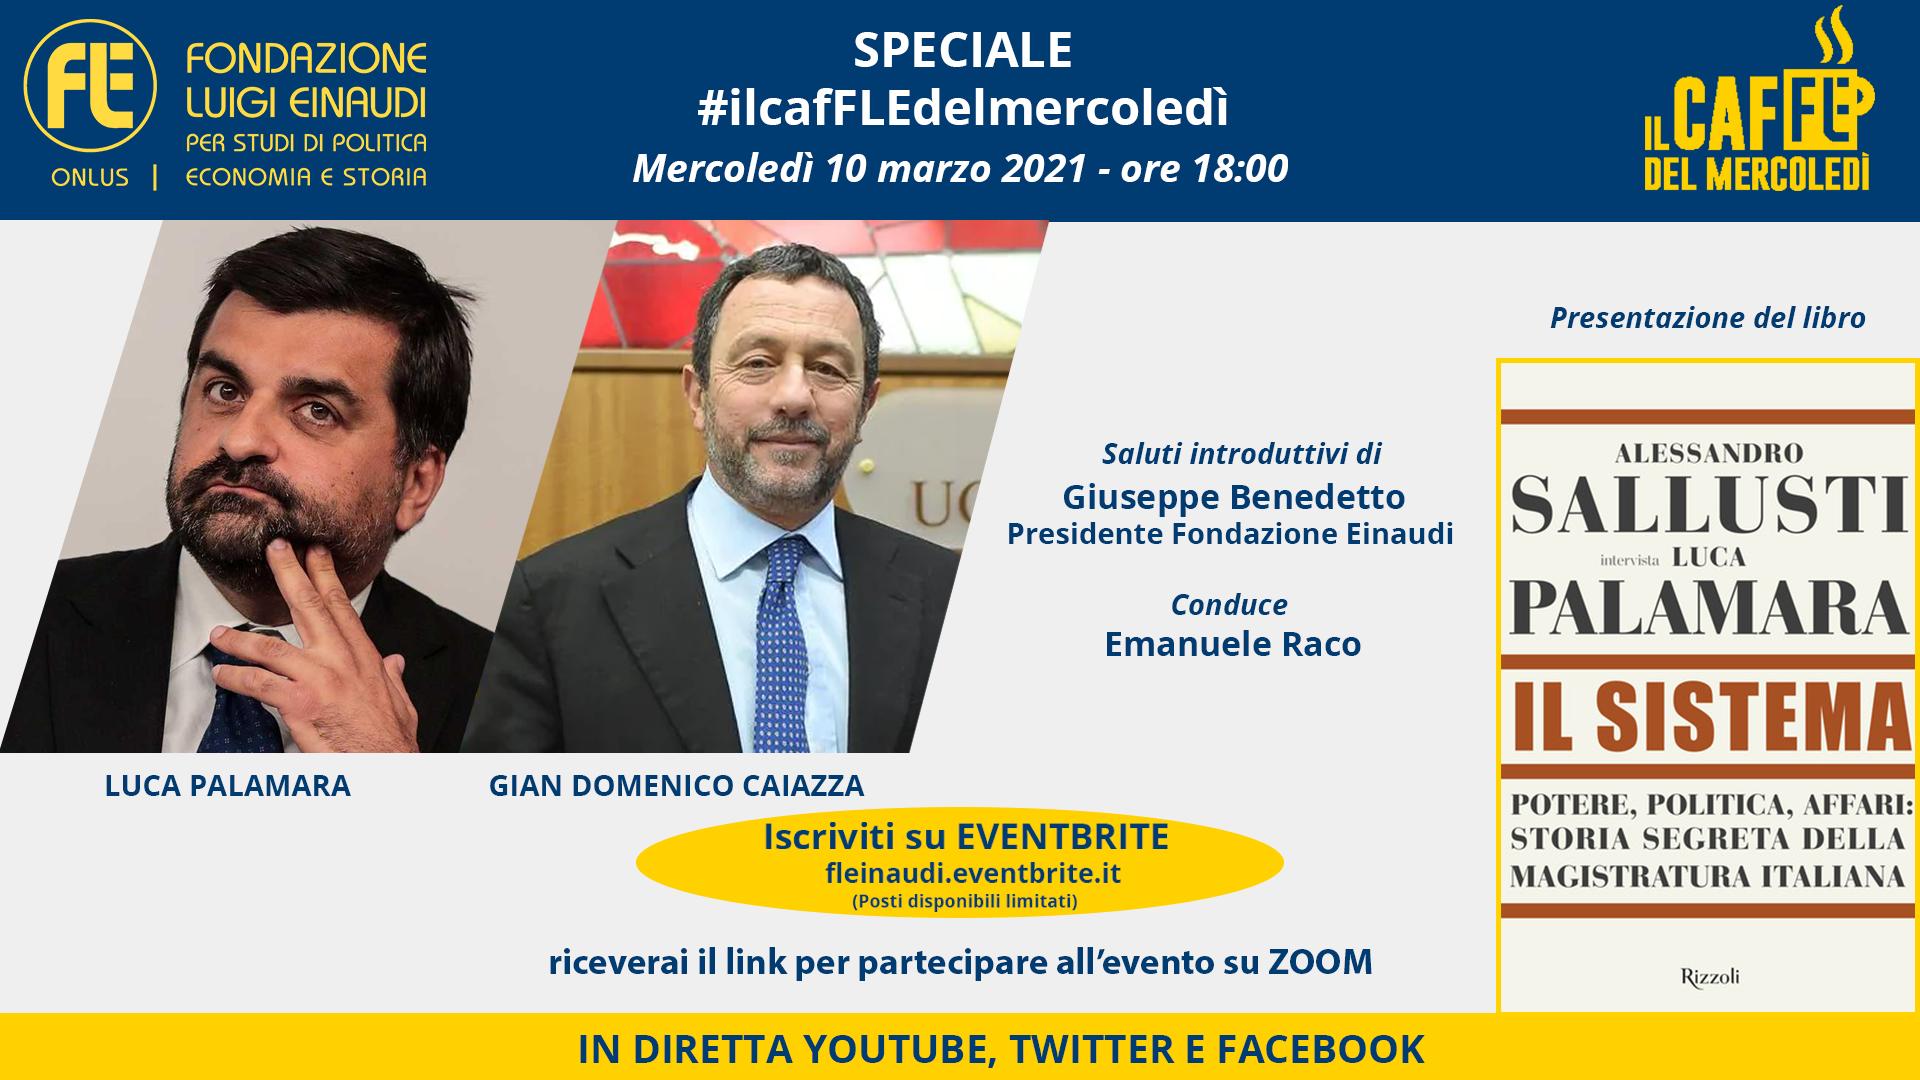 """Speciale #ilcafFLEdelmercoledì – Luca Palamara e Gian Domenico Caiazza, presentazione del libro """"Il sistema"""""""